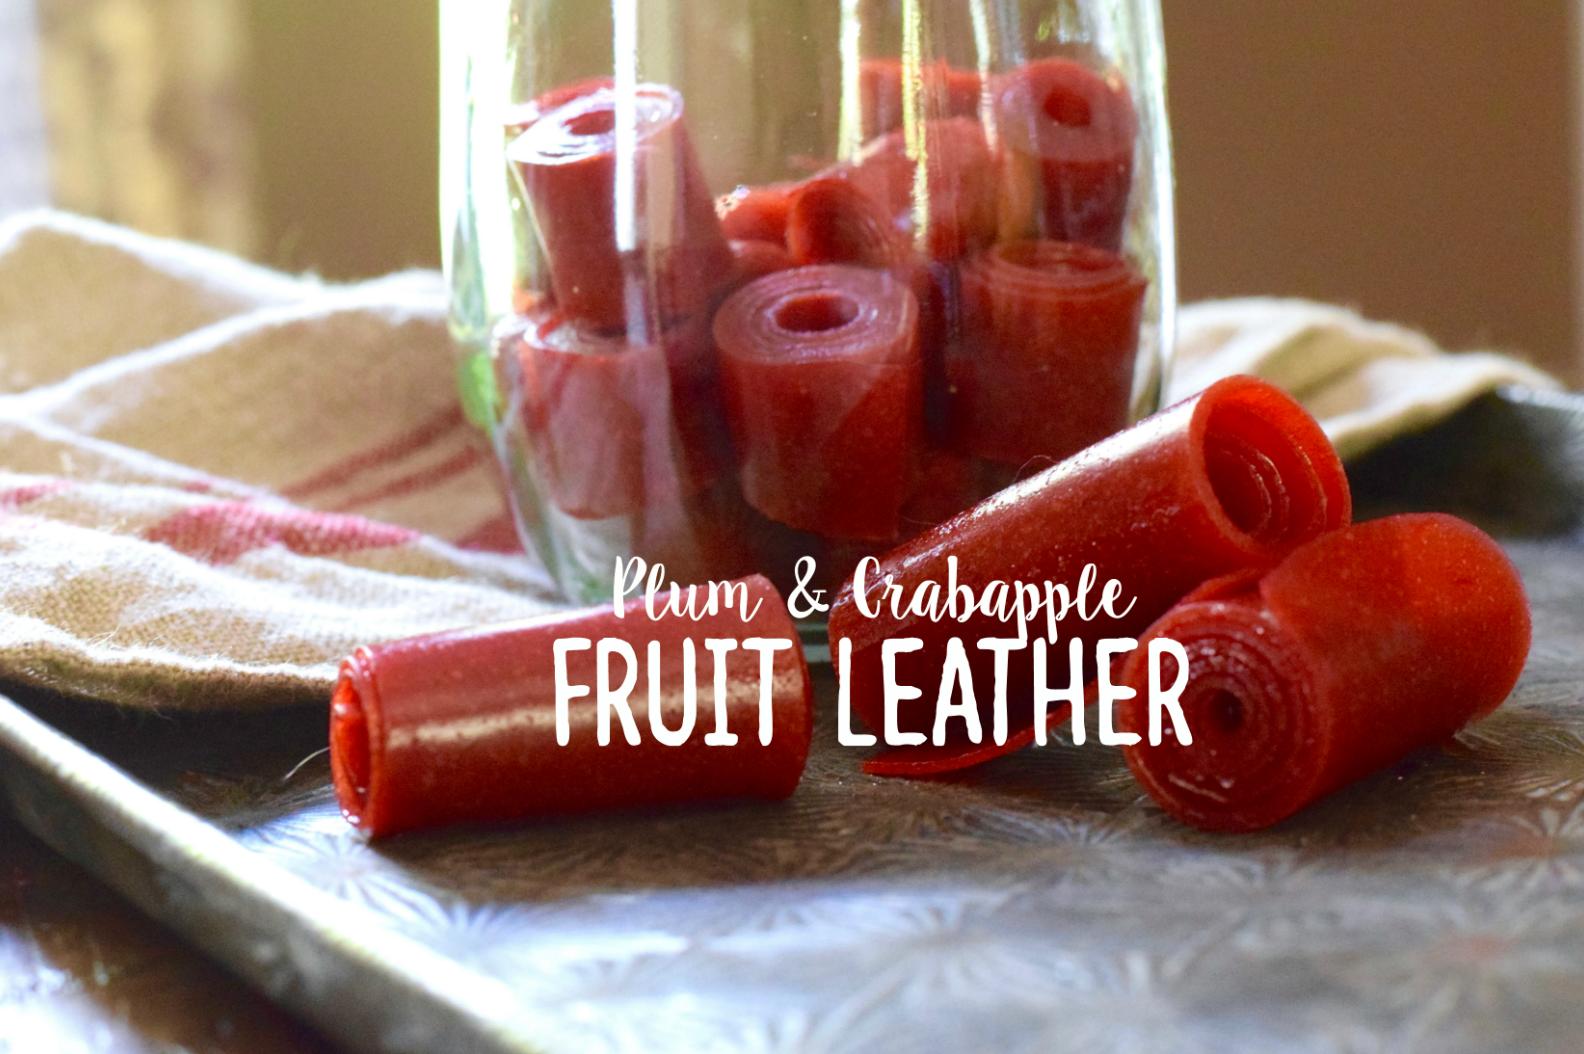 Plum & Crabapple Fruit Leather Recipe